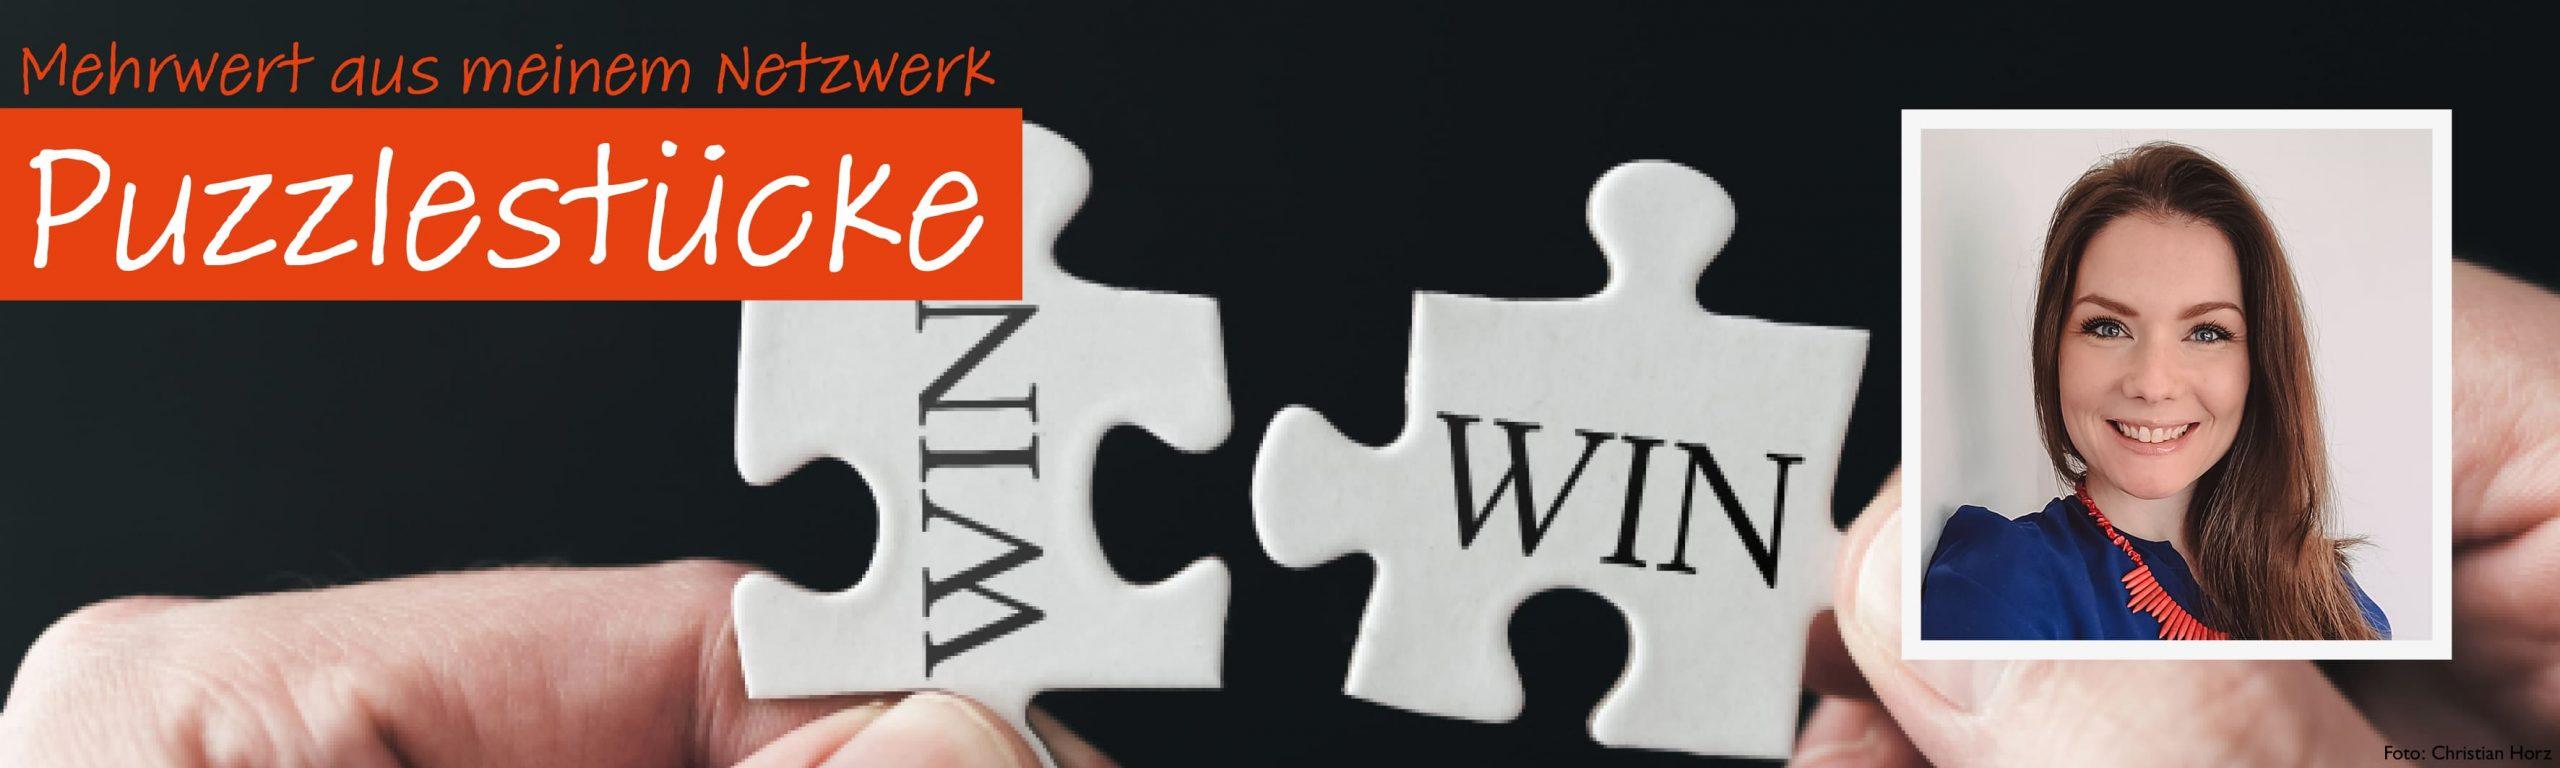 Puzzlestücke: Kim Averweg, PR-Beraterin